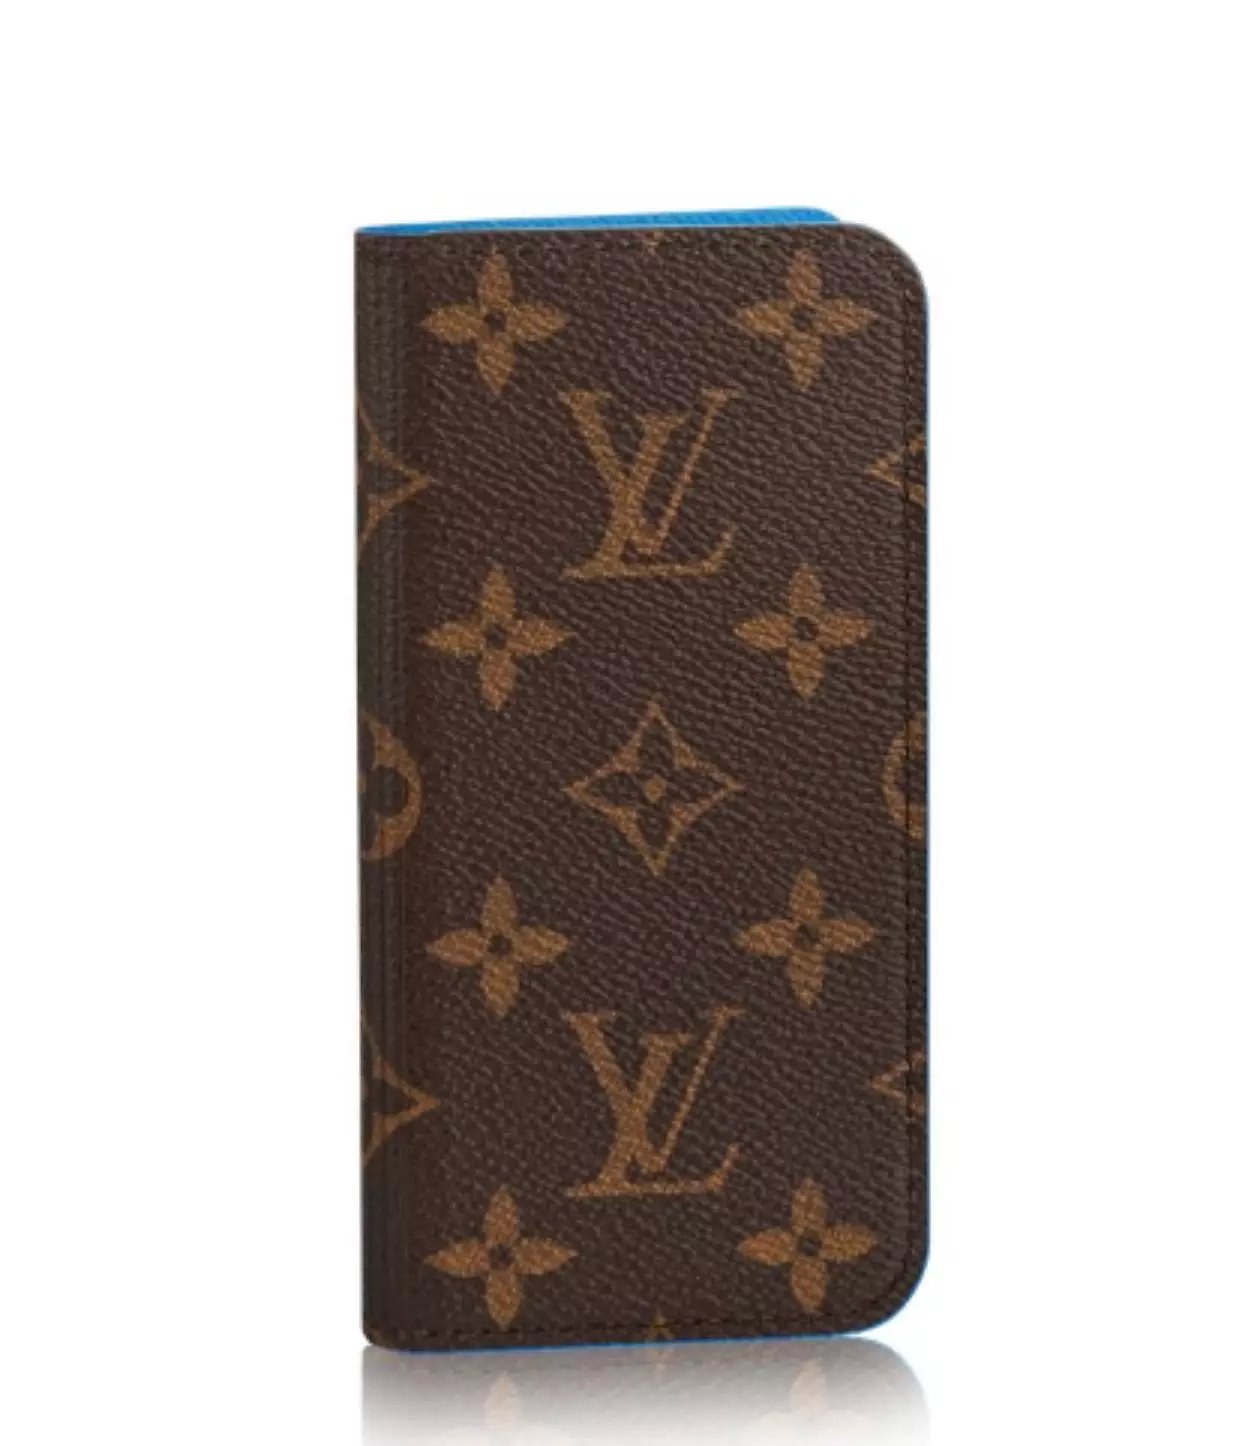 iphone hülle bedrucken lassen beste iphone hülle Louis Vuitton iphone6s hülle iphone tasche leder erscheinung iphone 6 iphone ca6s leder apple store iphone hülle ipone 6s hülle beste schutzfolie iphone 6s